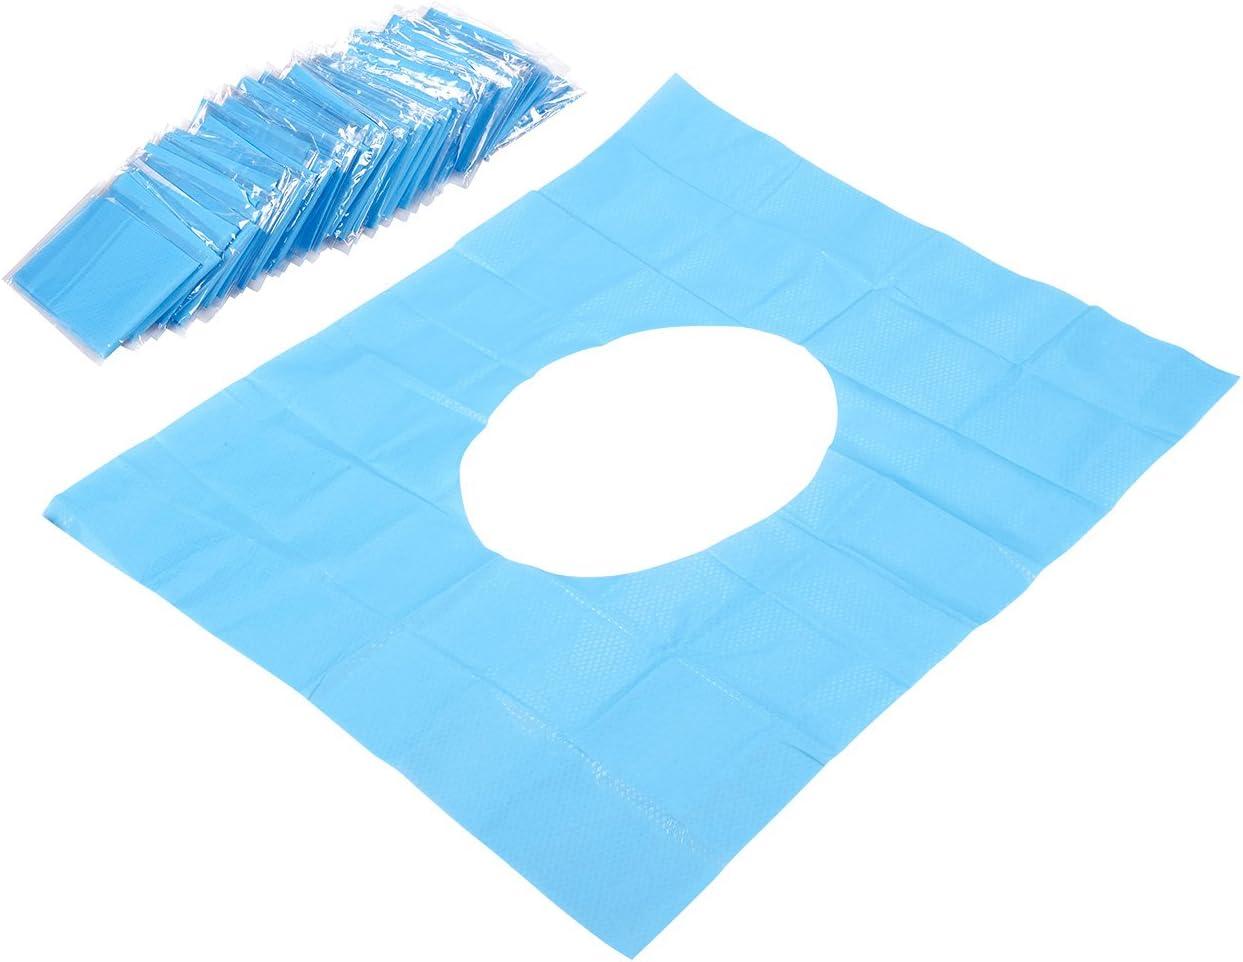 //étanche papier toilette couvertures/ /Couvertures de si/ège de toilette jetables/ De 50/ /Couvertures de toilette jetables emball/ées individuellement